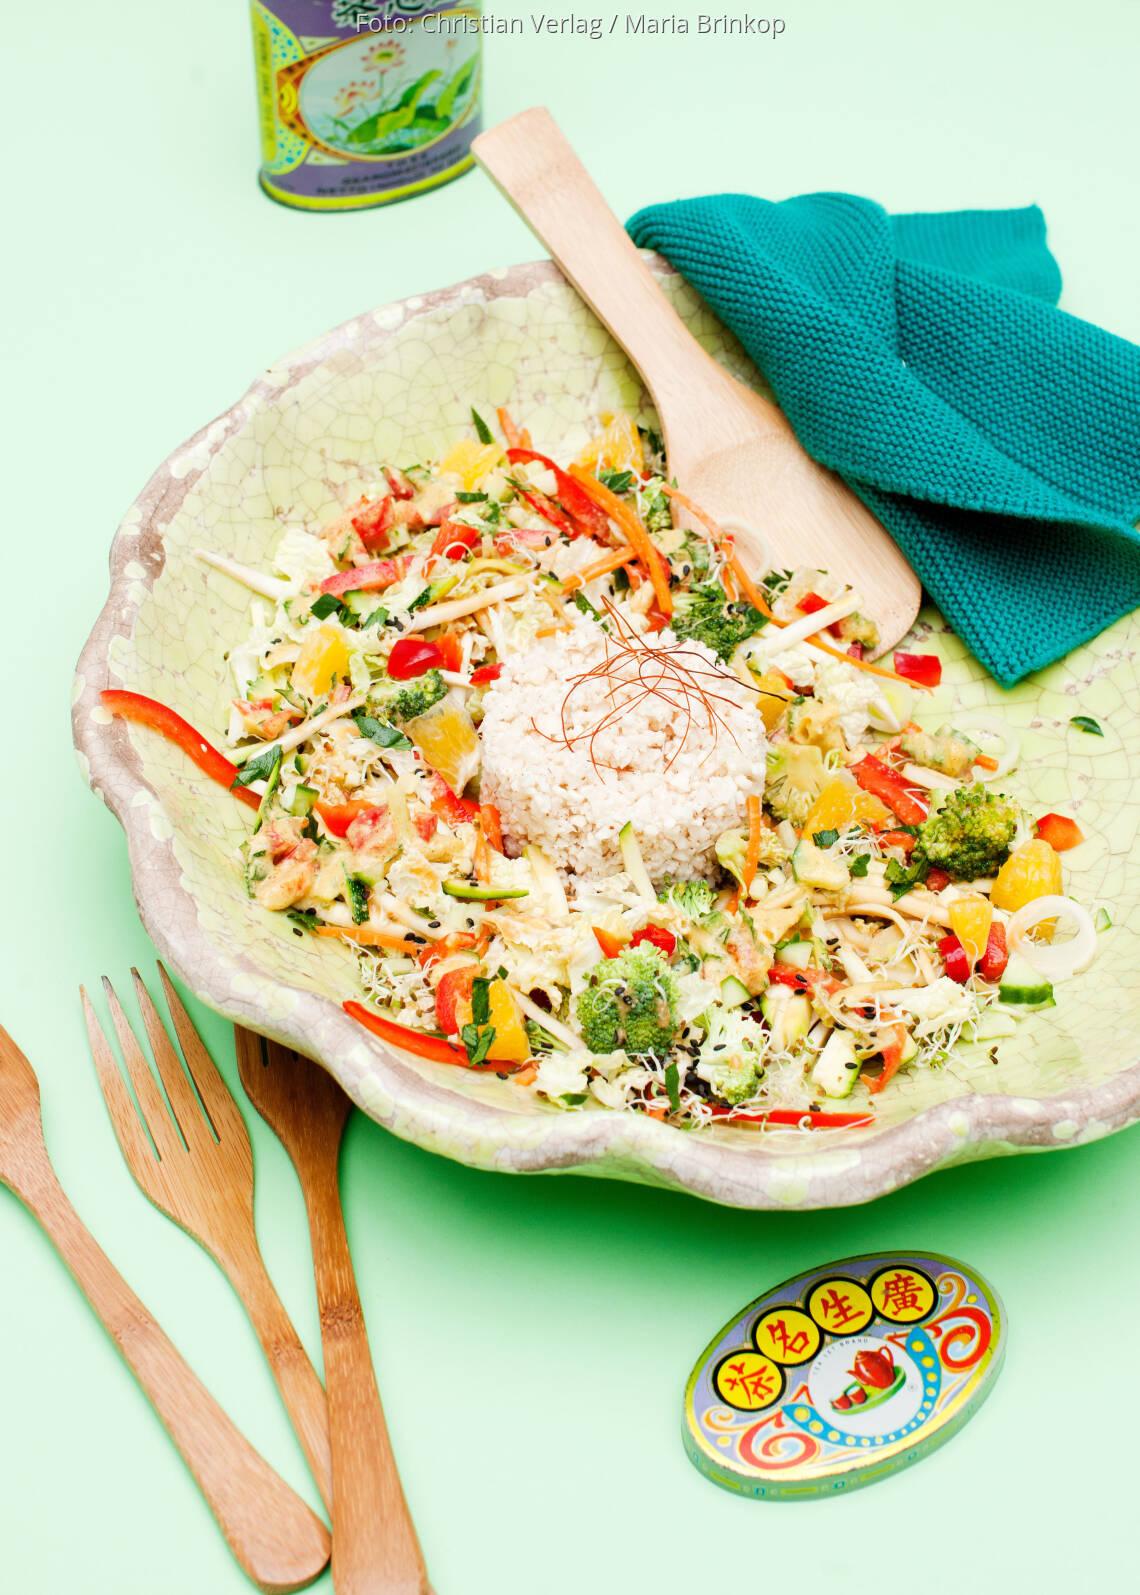 Veganes Rezept: Asiatisches Gemüse mit Blumenkohlreis-Timbale